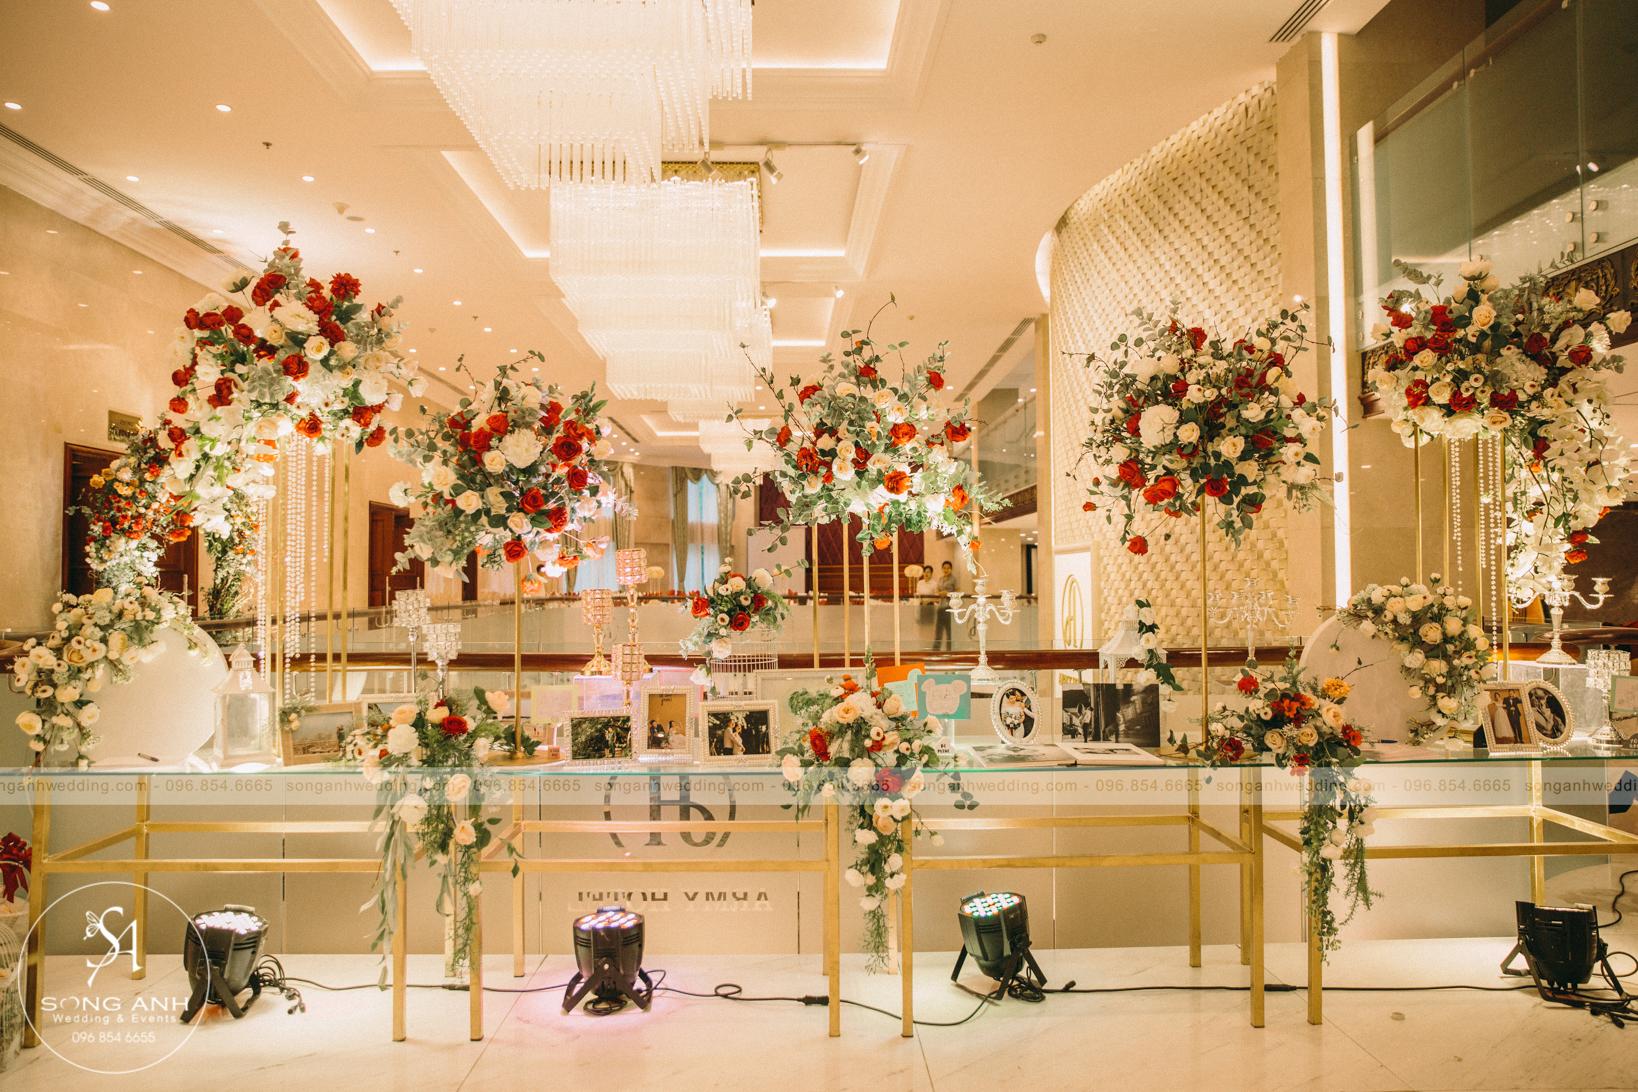 chi phí tổ chức tiệc cưới nhà hàng khách sạn